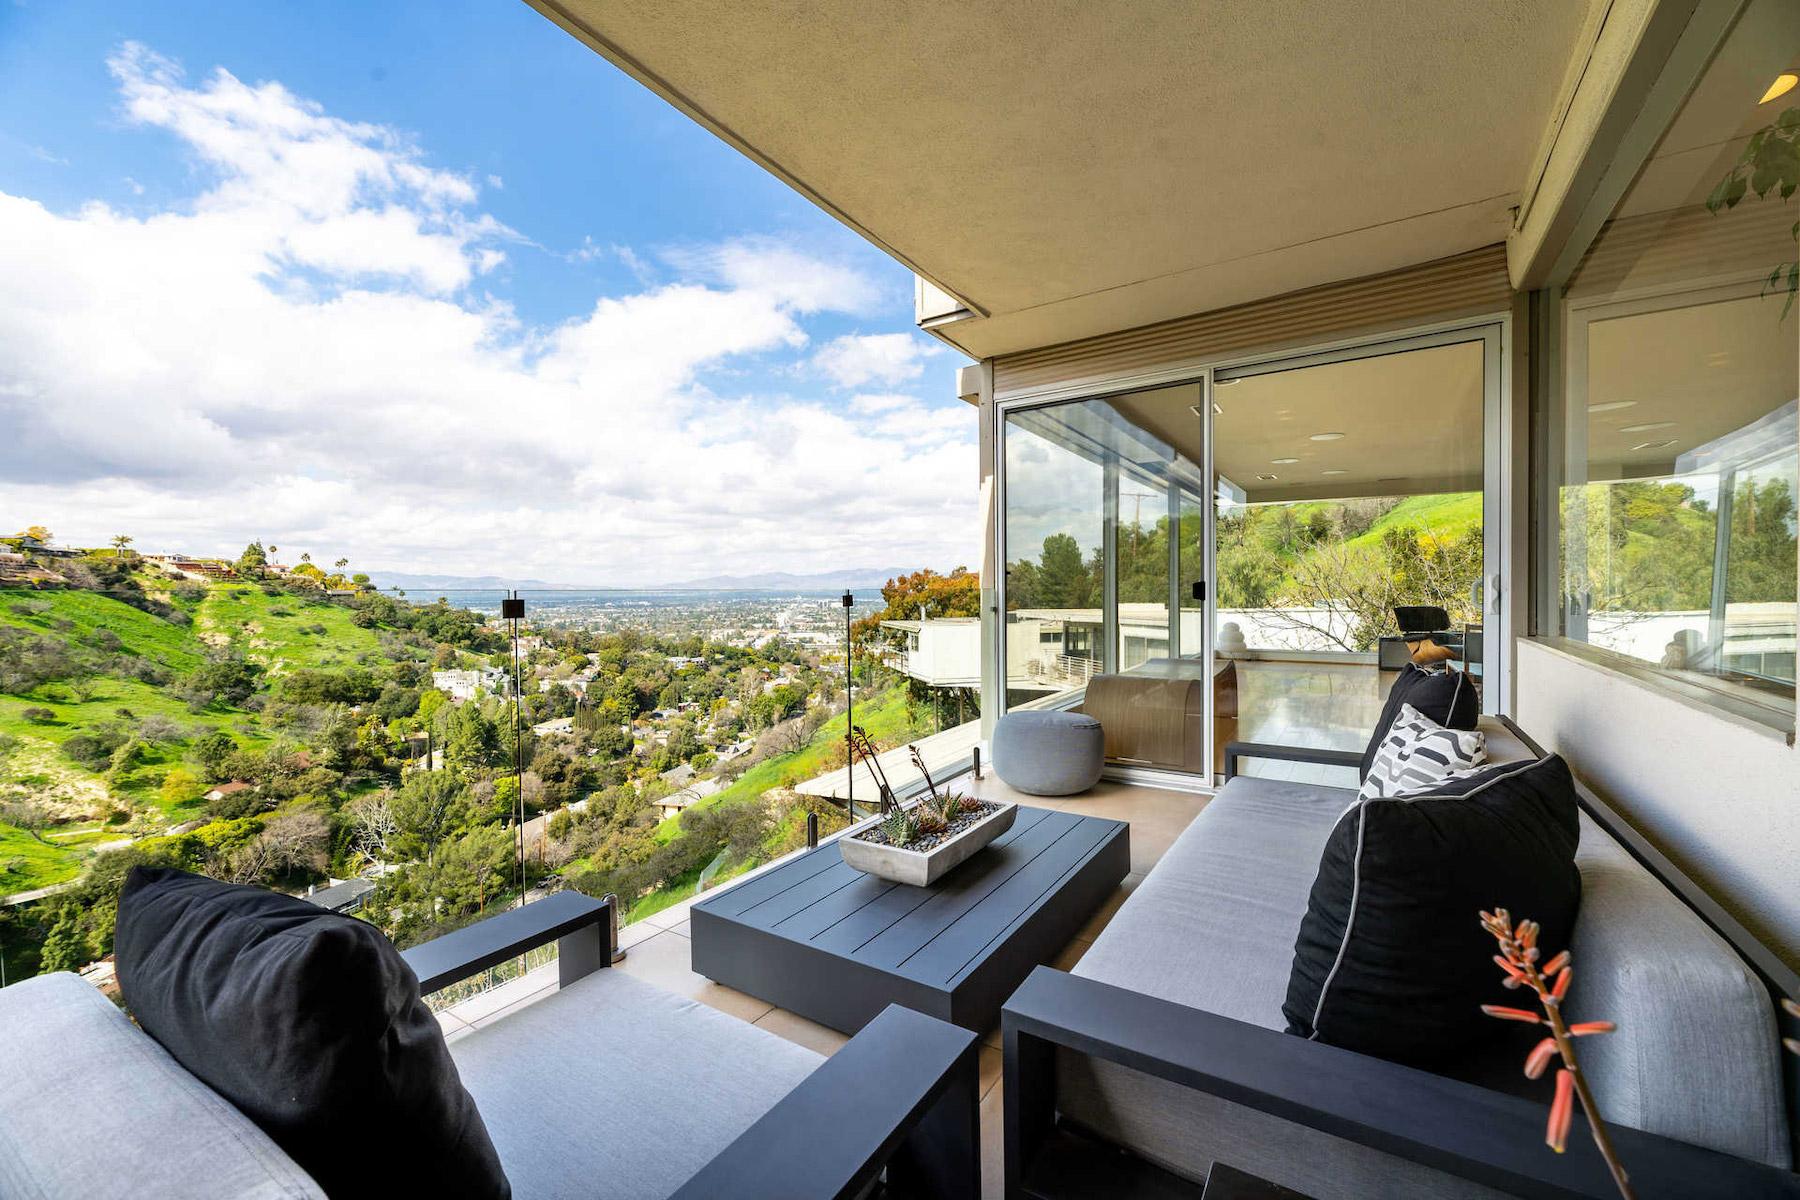 Das aussergewöhnliche Stilt House von Richard Neutra in Kalifornien 2